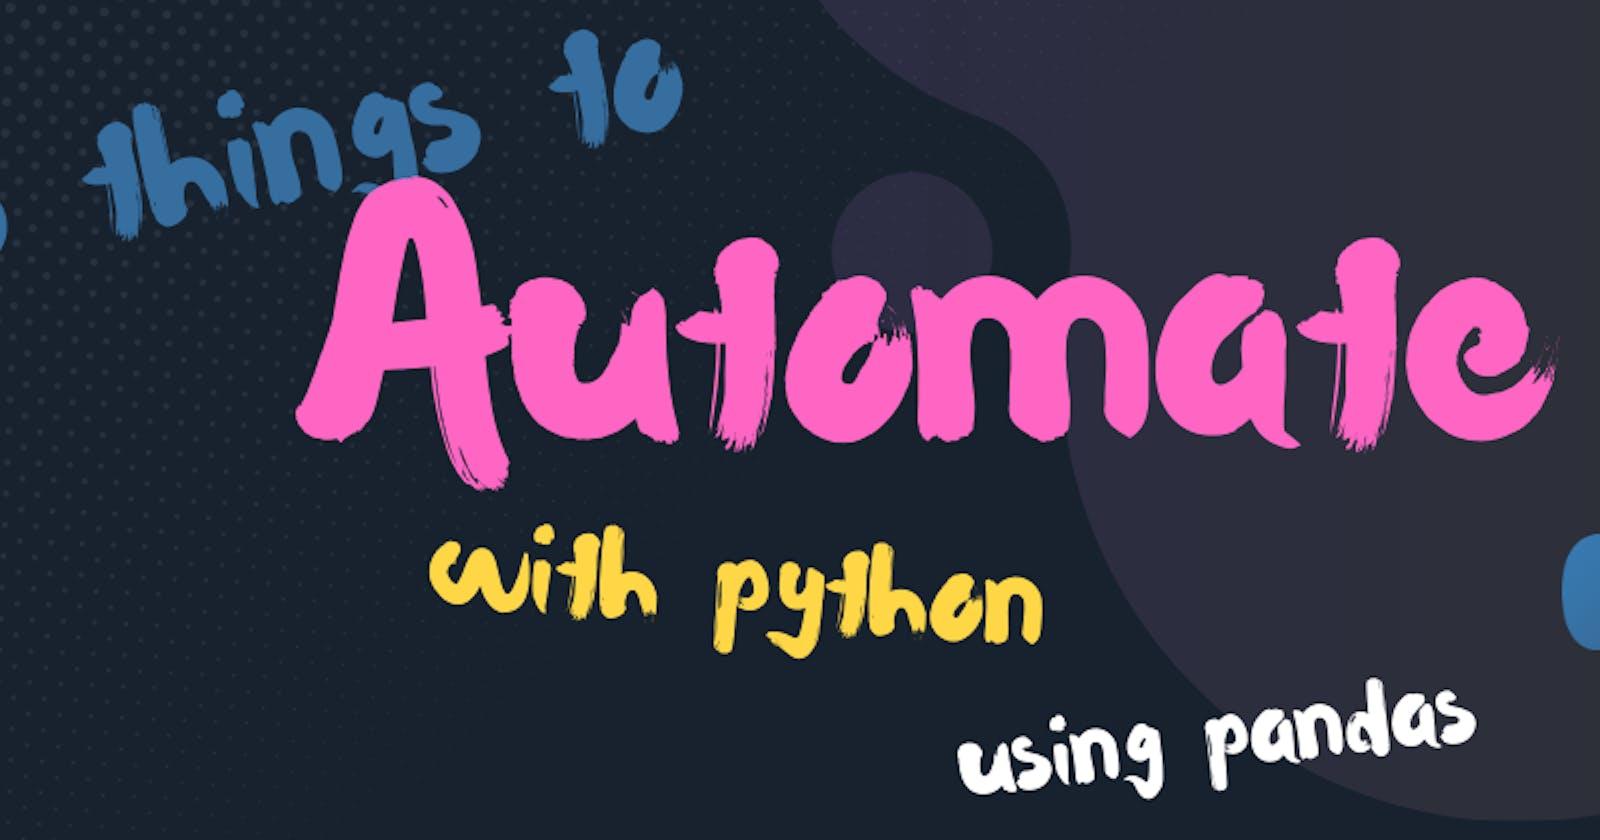 Three things to Automate with Python using Pandas